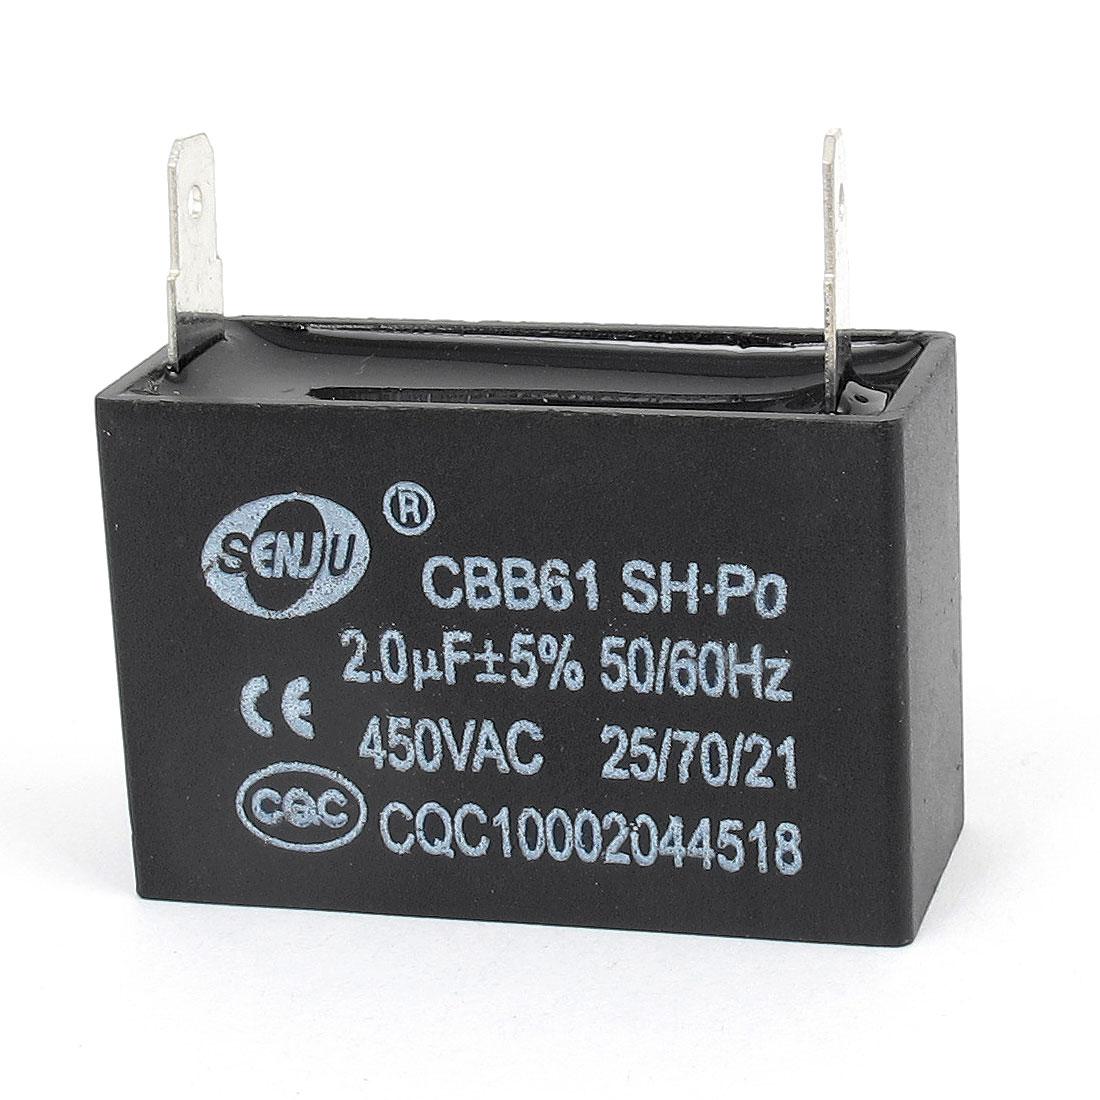 Air Conditioner Motor Running Capacitor 2.0uF 5% Tolerance AC 450V CBB61